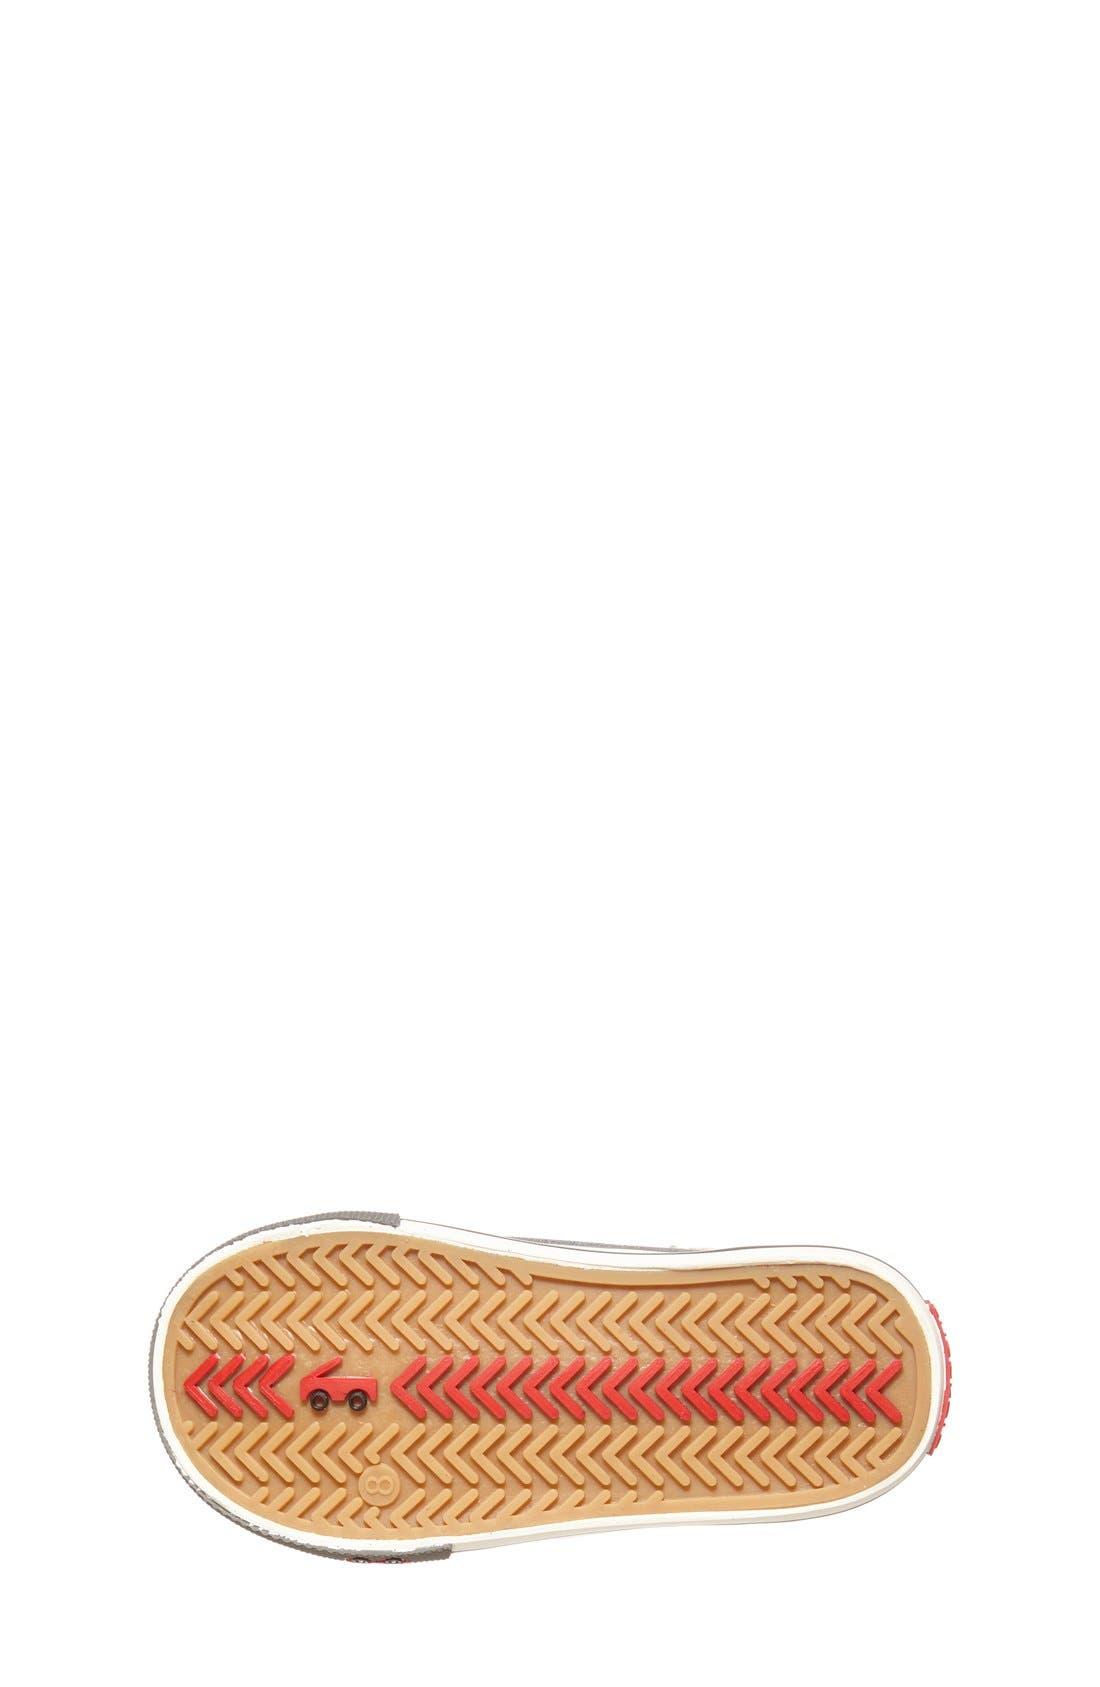 'Kya' High TopSneaker,                             Alternate thumbnail 3, color,                             020